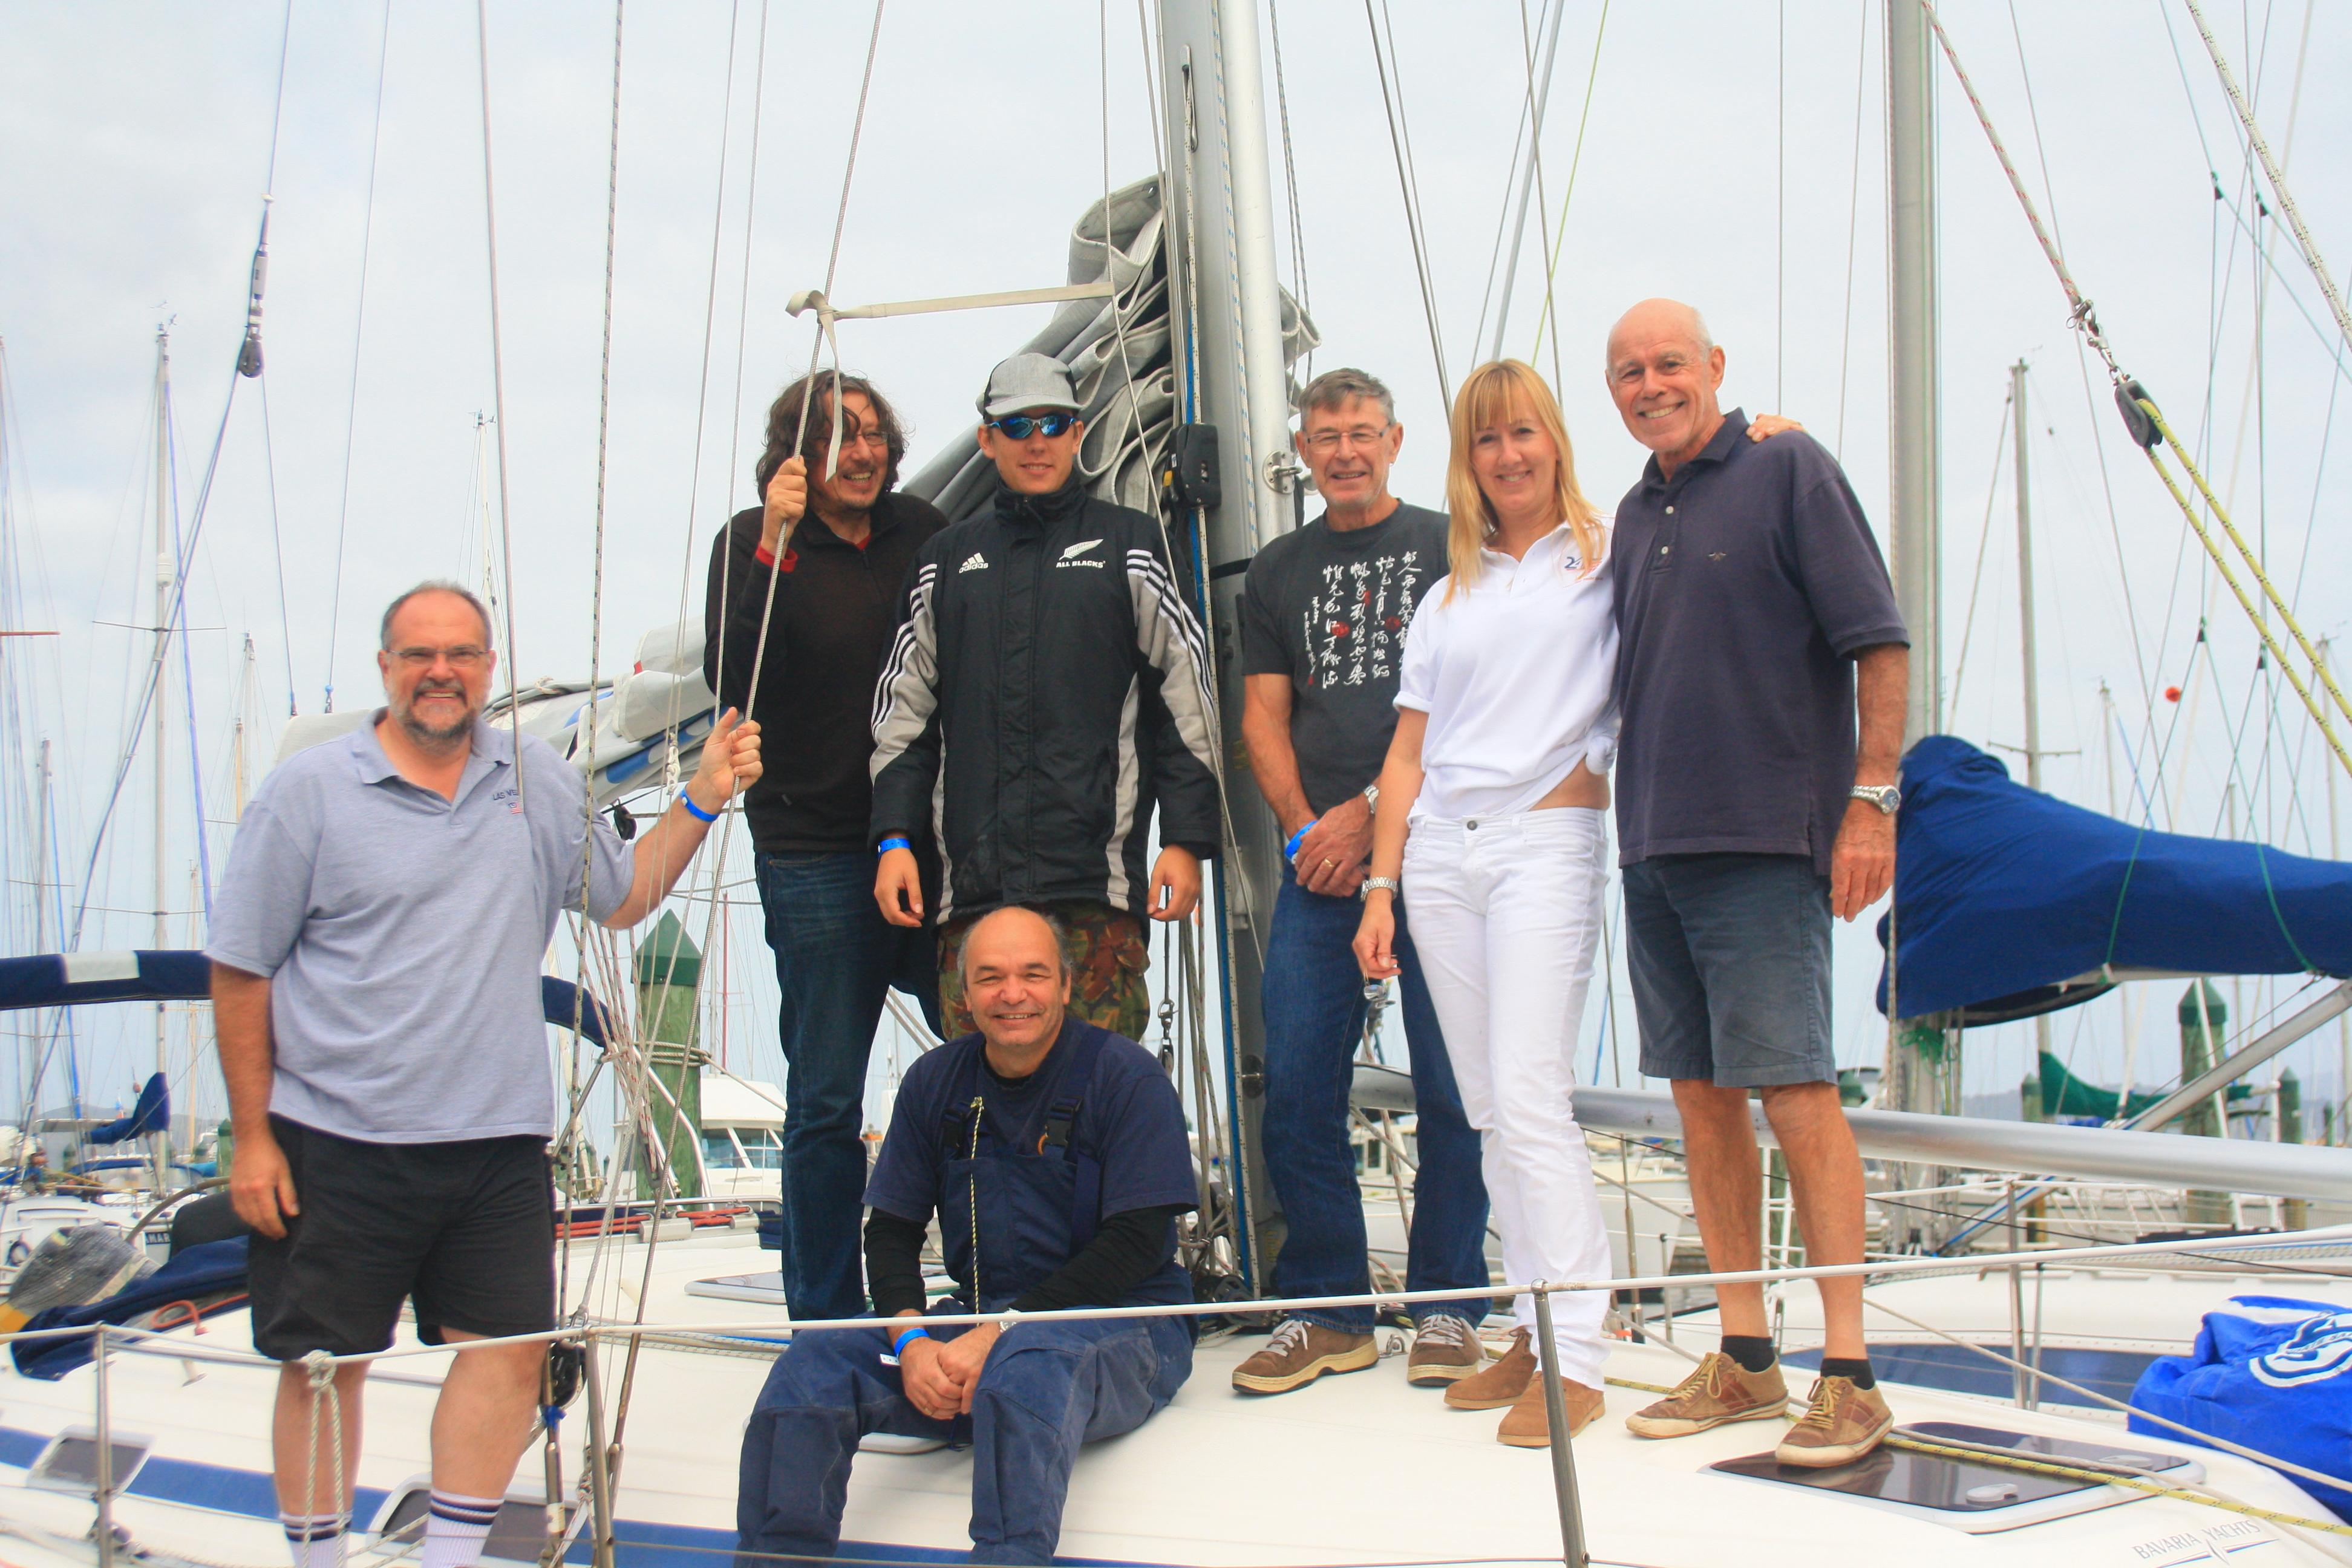 Am Meer crew